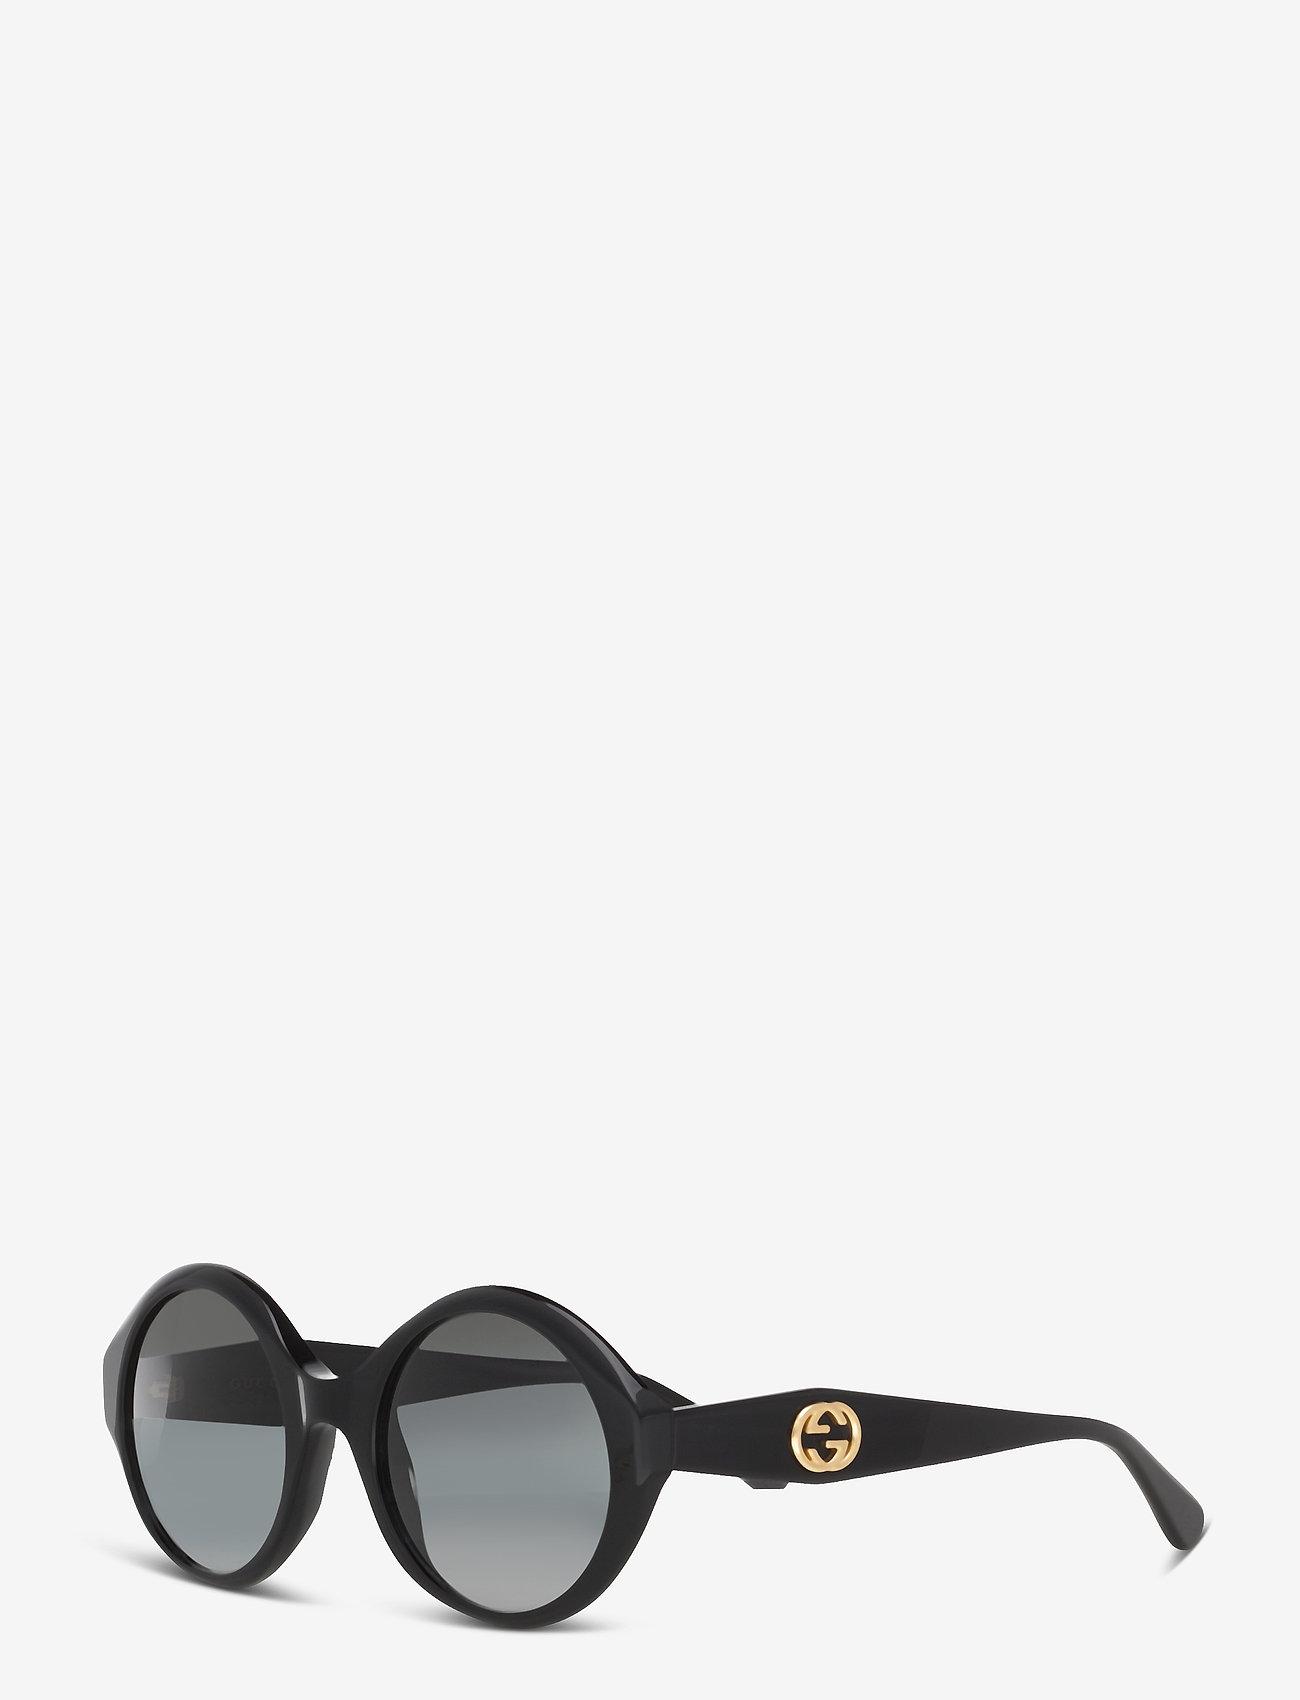 Gucci Sunglasses - GG0797S - rond model - black-black-grey - 1